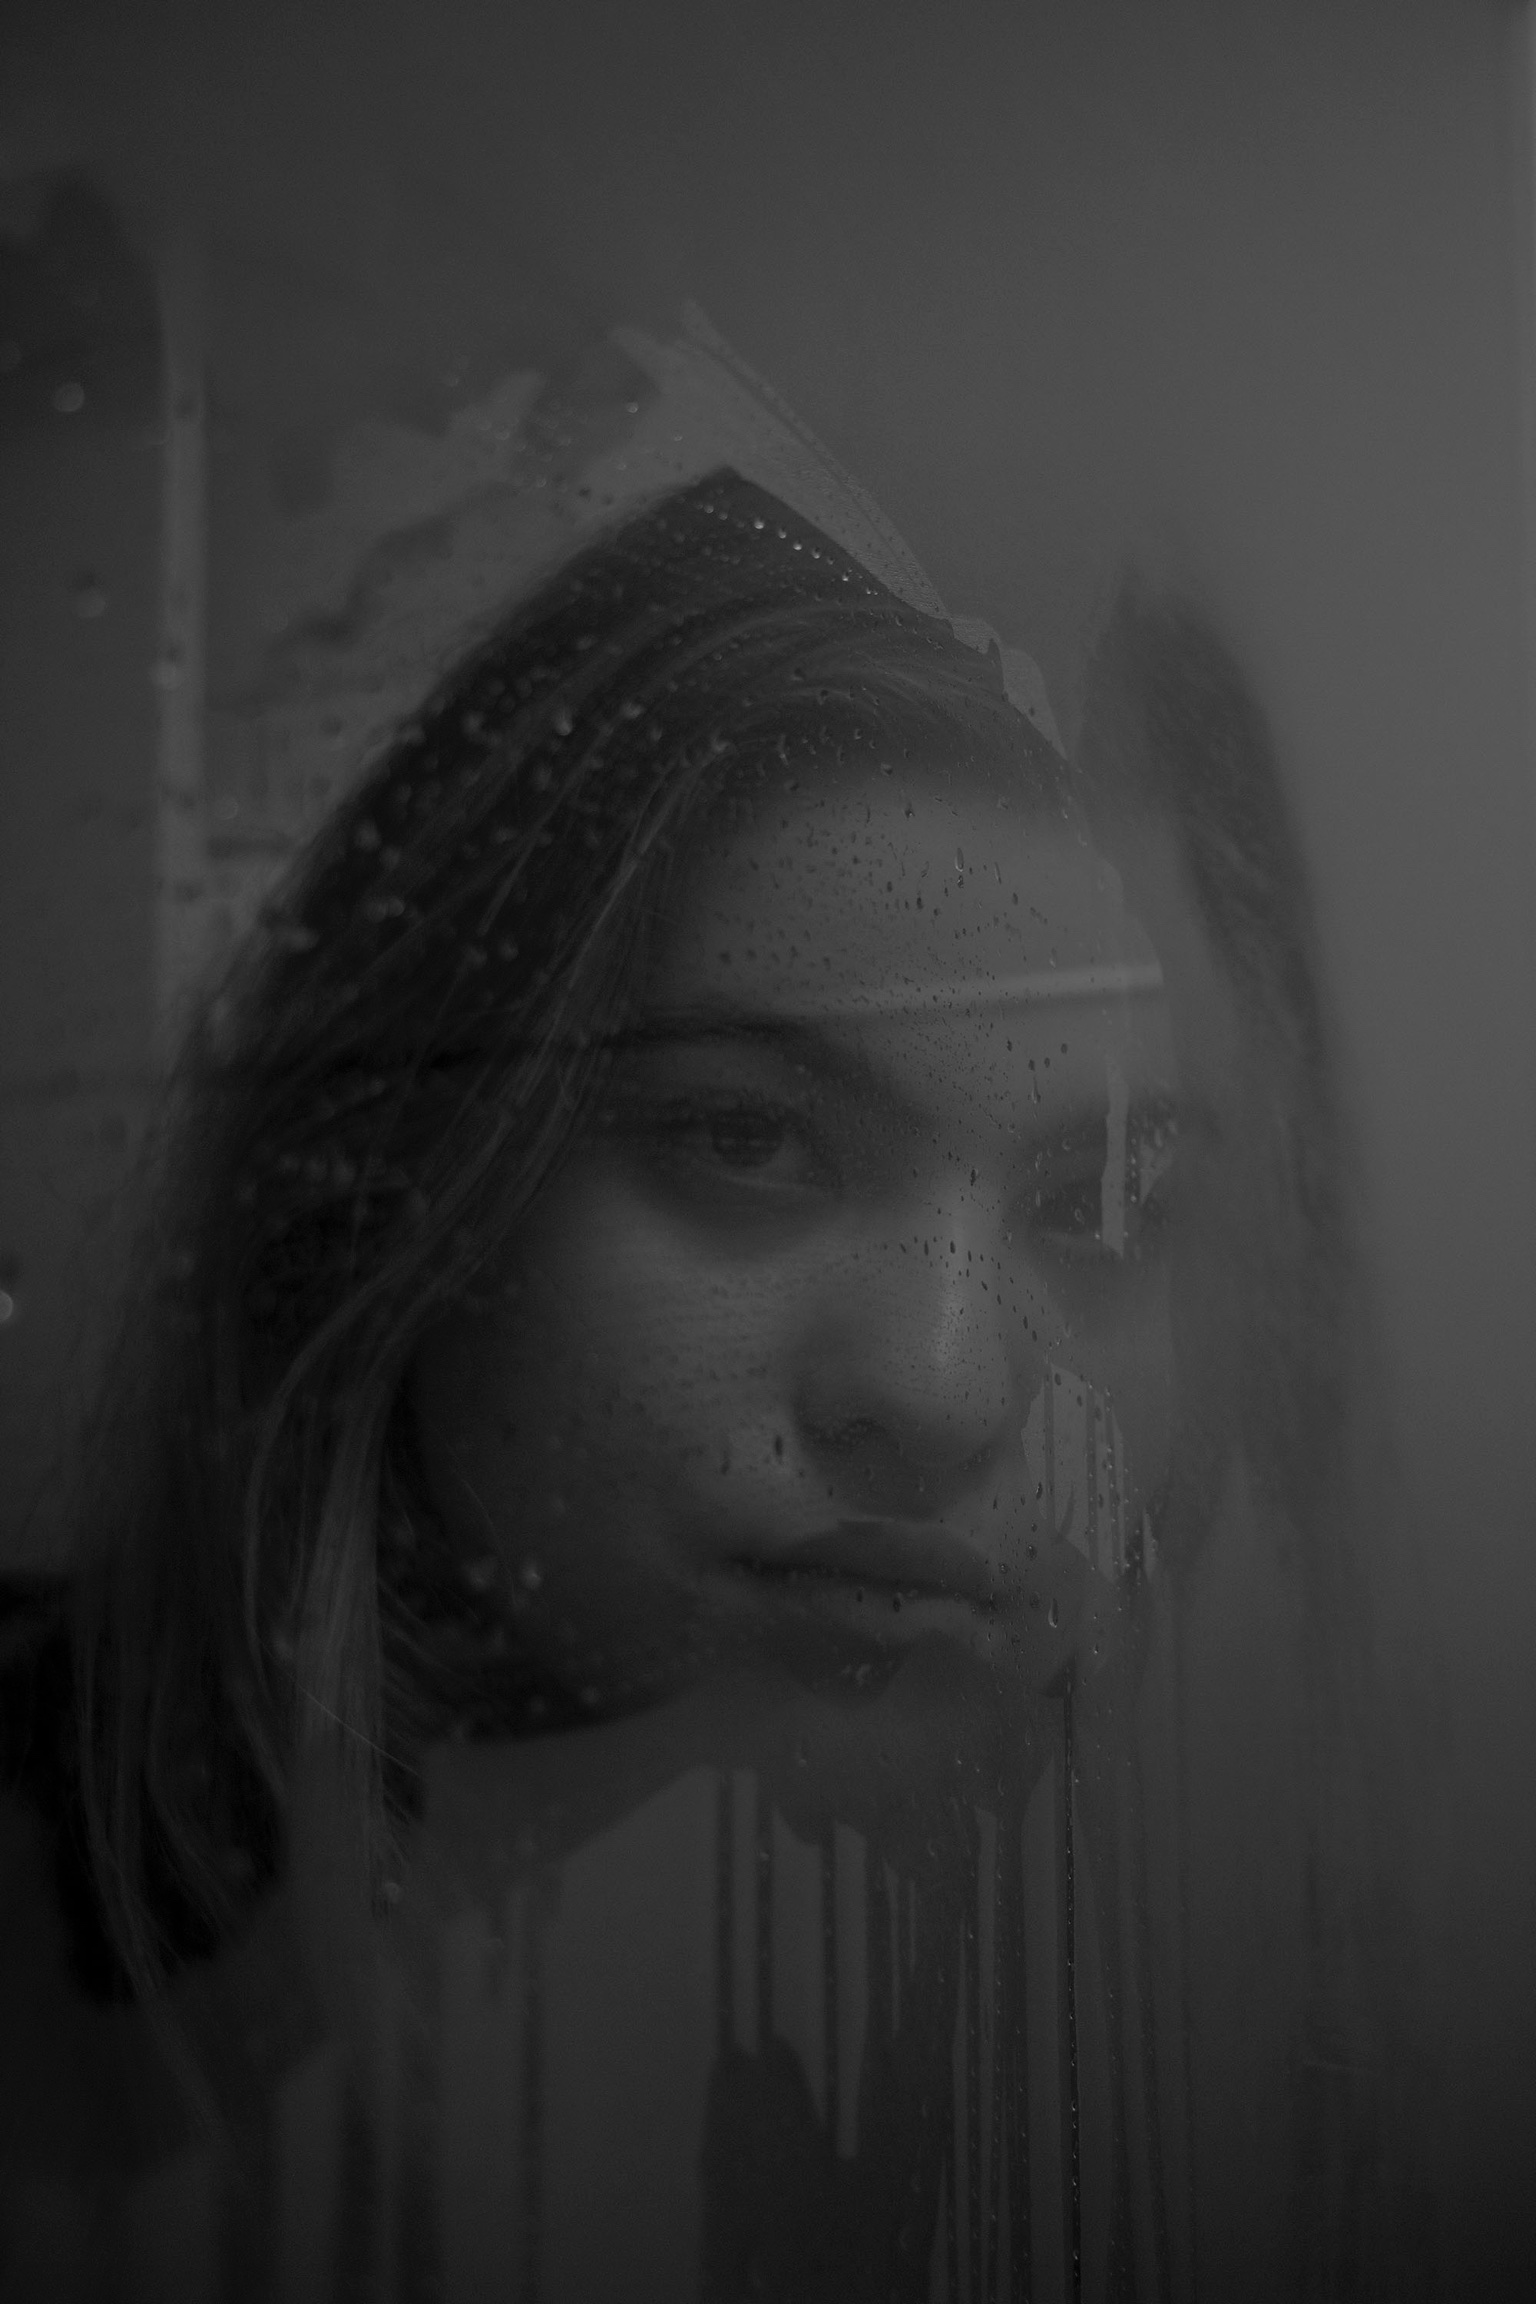 Girl Through the Steam